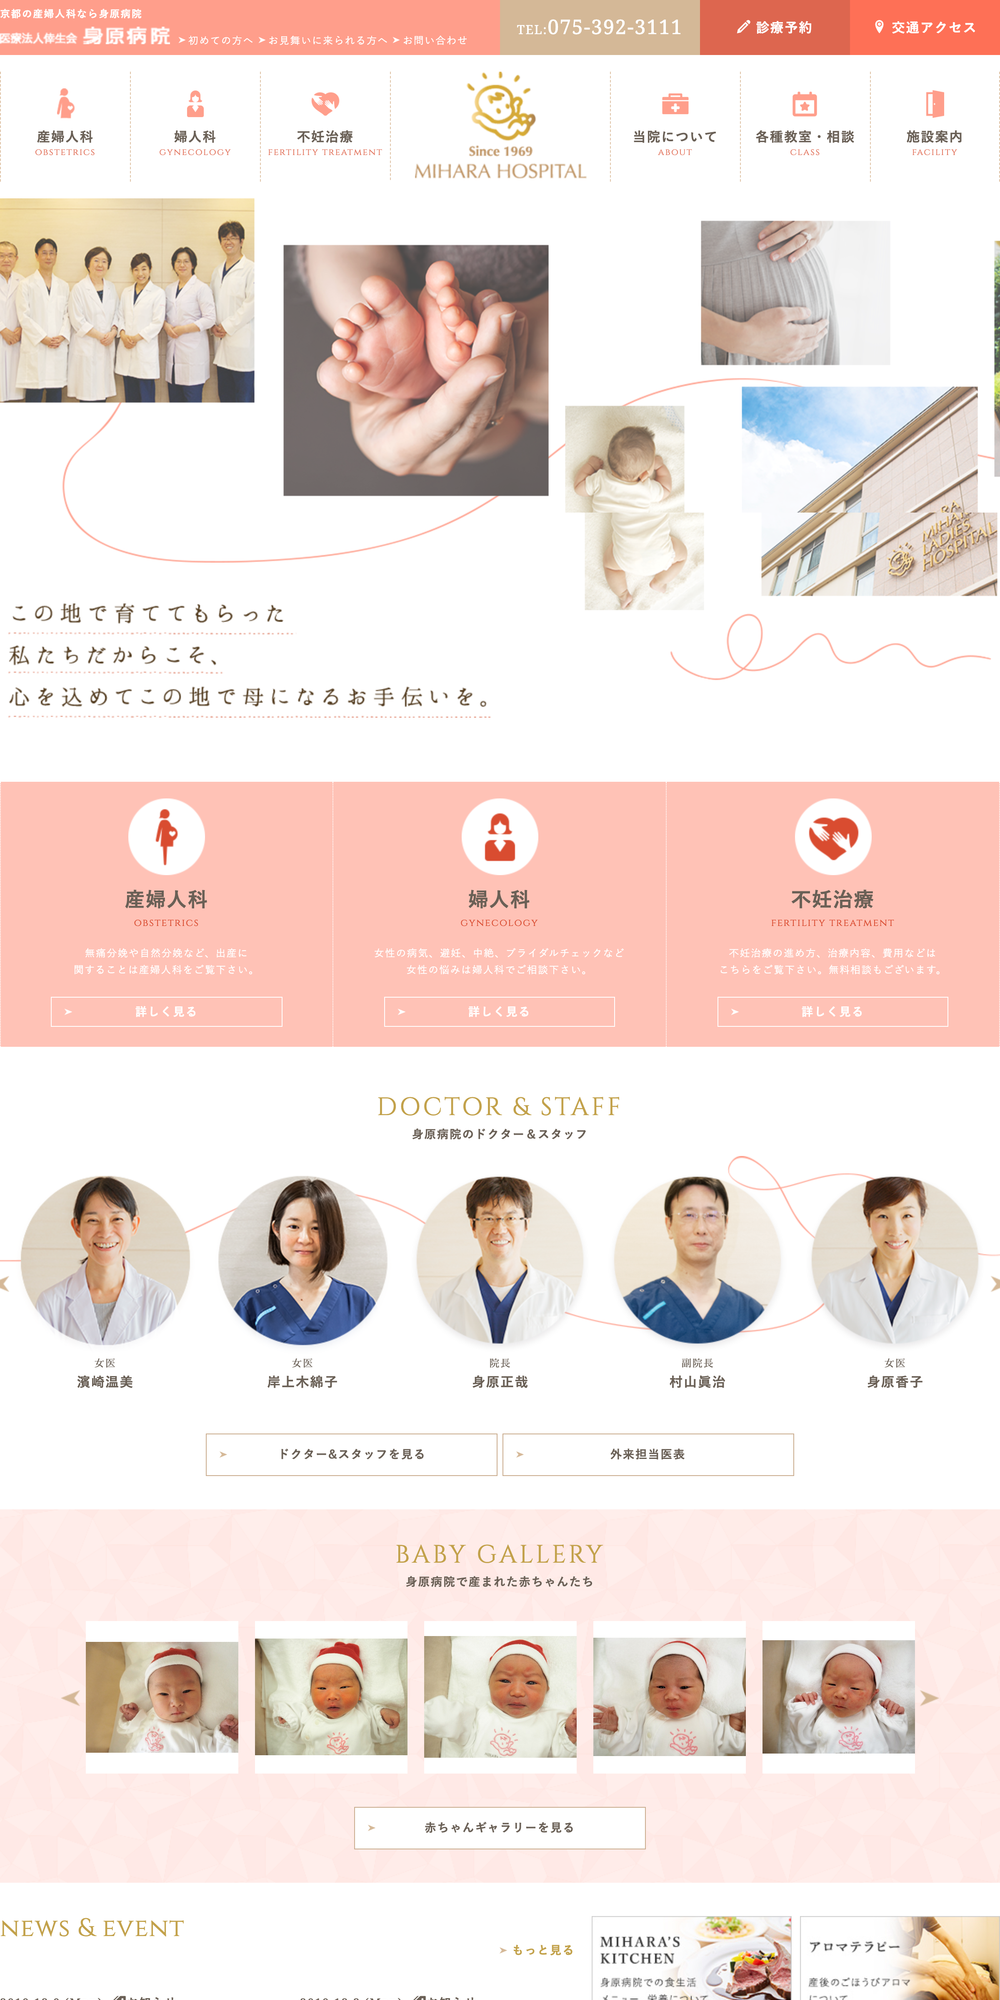 病院 クリニック おしゃれまとめの人気アイデア Pinterest Taro Sanko ウェブデザイン コーポレートサイト デザイン 産婦人科